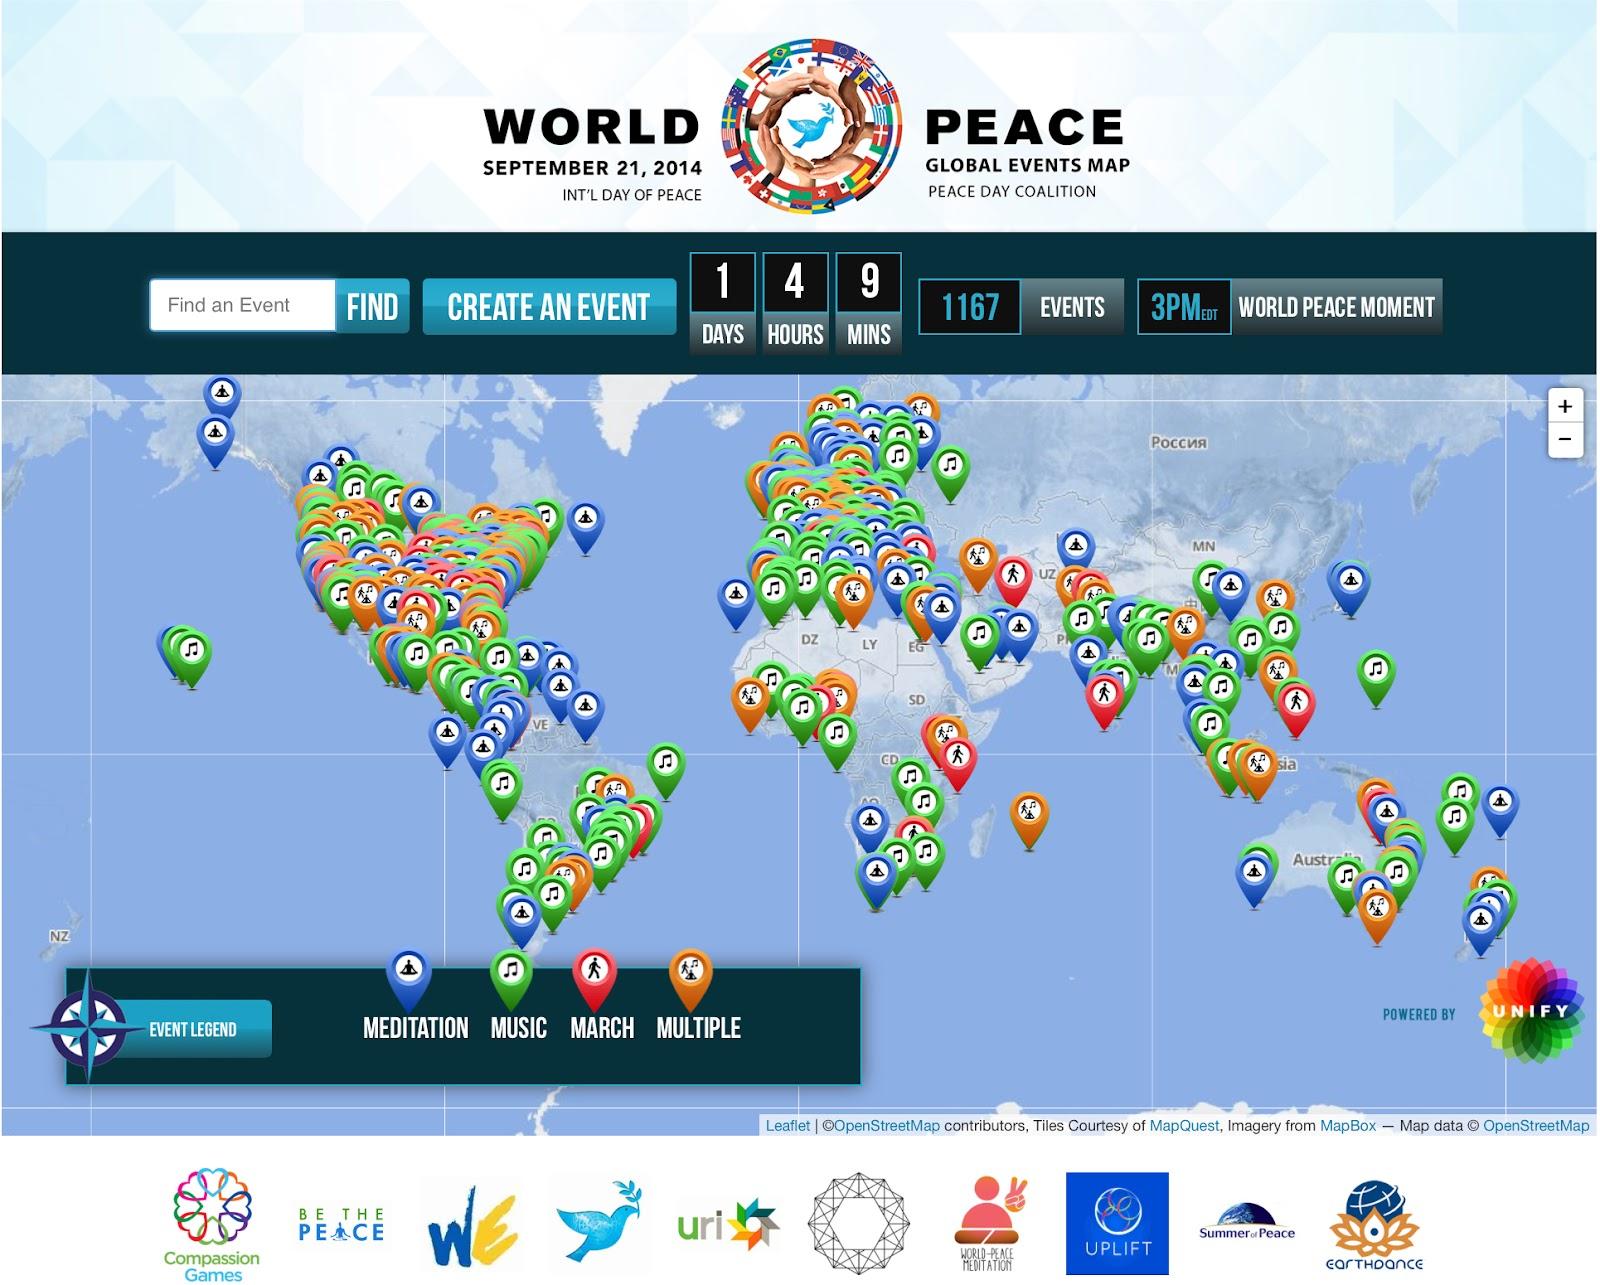 The 2015 World Peace Map is READY!!! NVX5RNgs9AgjCwxyY3o6mpzlGDHOw8BIRhfTeq3aX3sP-BnevozR4qV6gYgoNXWZAq69EsjujJmWmvxpy60oK6H2FX1WanPoEuRXXXYMeTA57JGn_PVR6k9o9px-A9dJ1zAbCwY